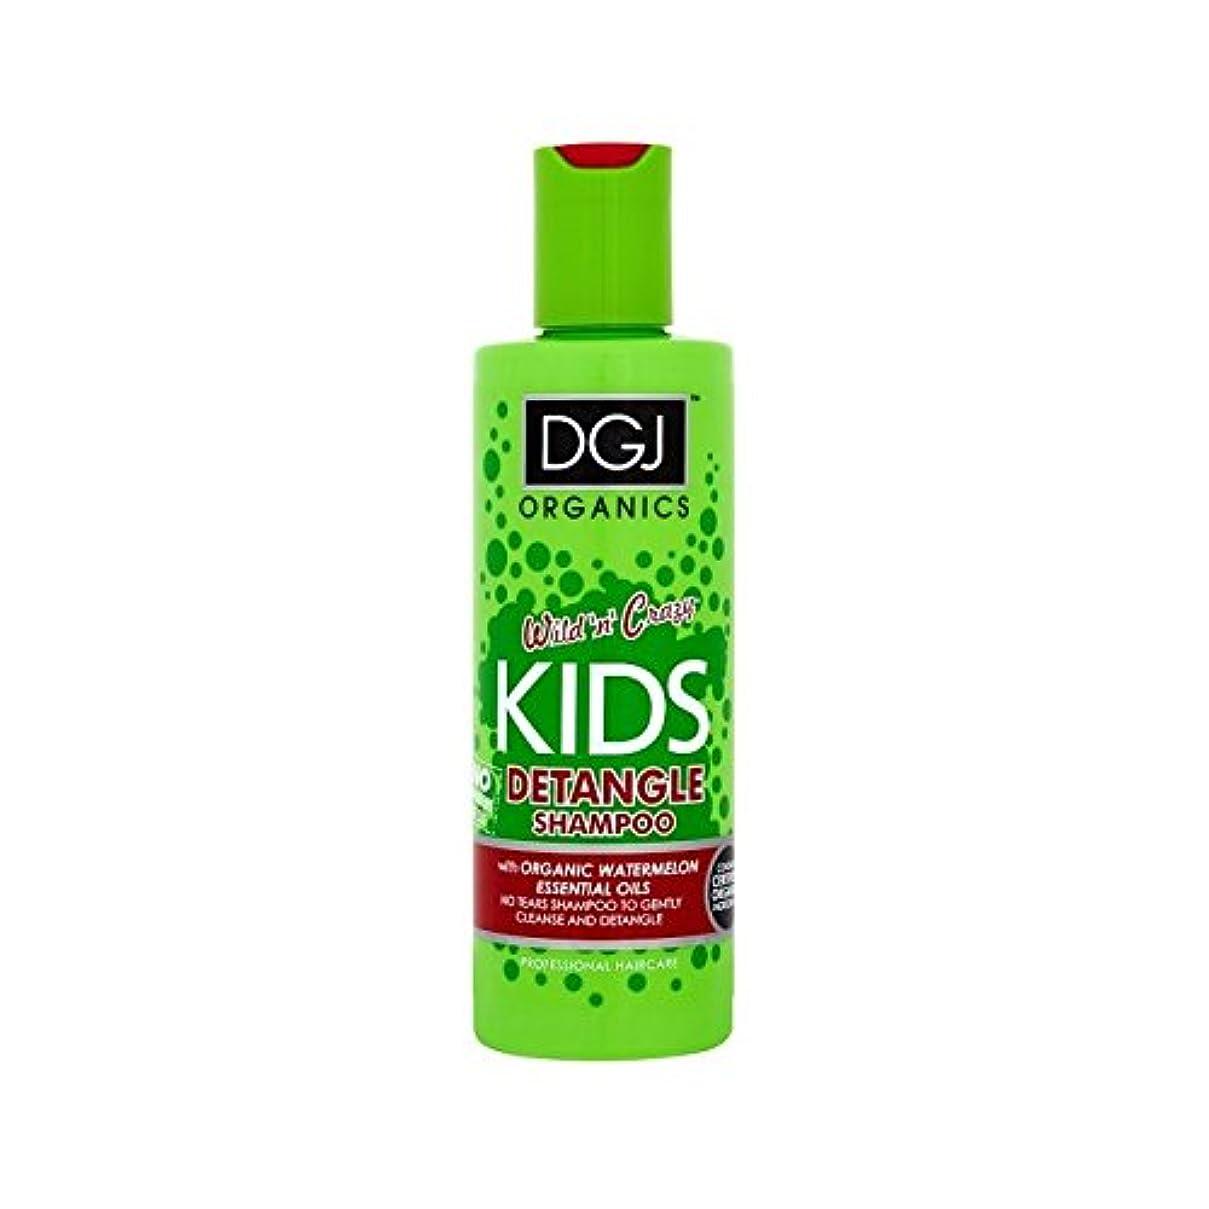 浜辺ドックものDgj子供たちはシャンプー250ミリリットルをもつれ解除スイカ (DGJ Organics) (x 6) - DGJ Kids Watermelon Detangling Shampoo 250ml (Pack of 6) [並行輸入品]